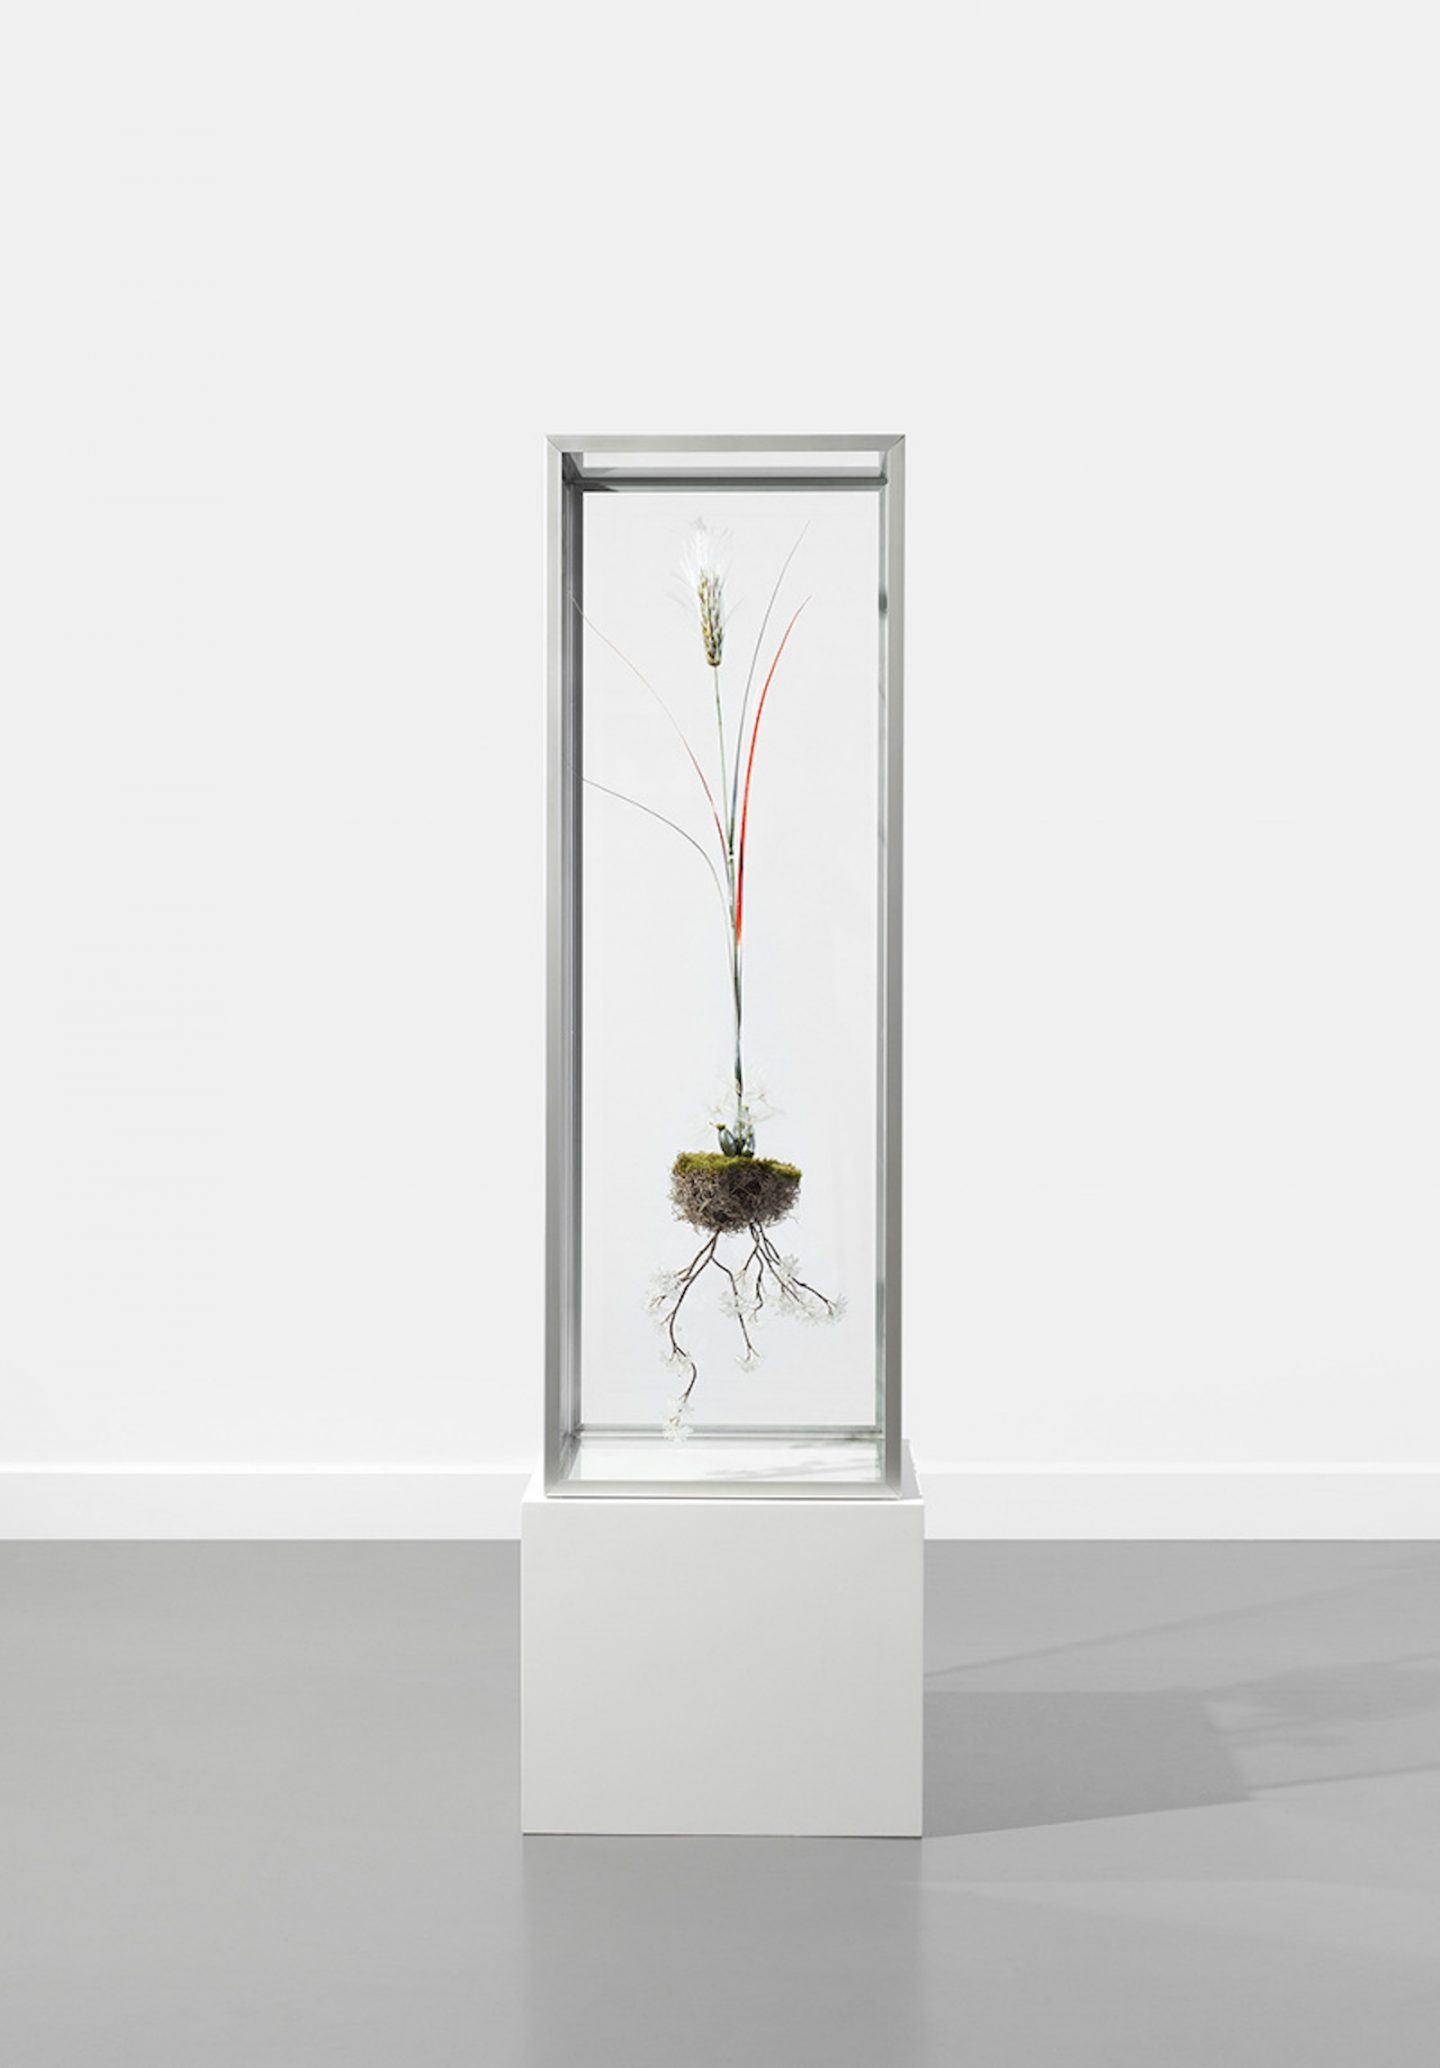 IGNANT-Design-Studio-Hongjie-Yang-004